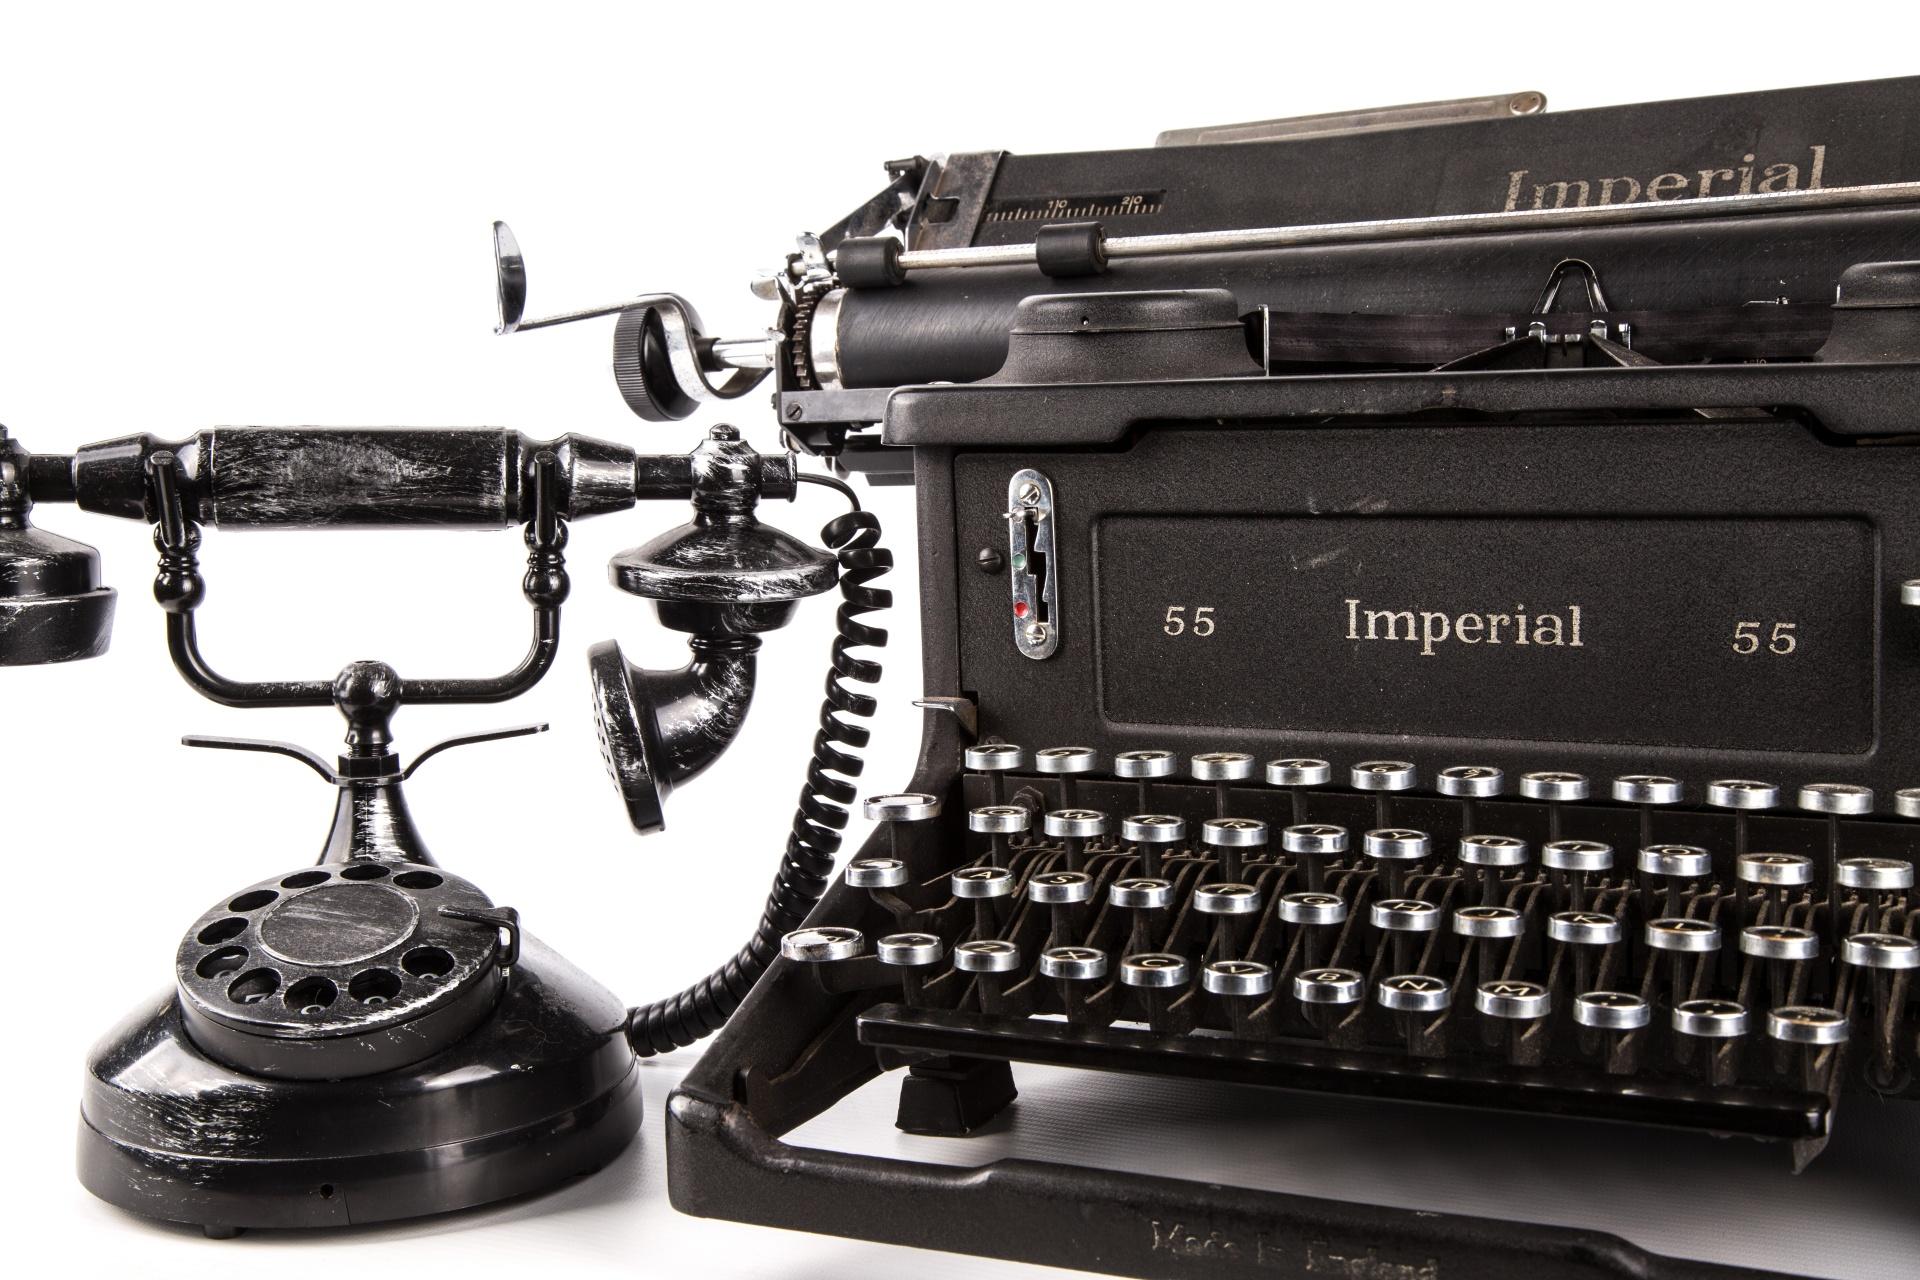 Vintage Typewriter, Imperial